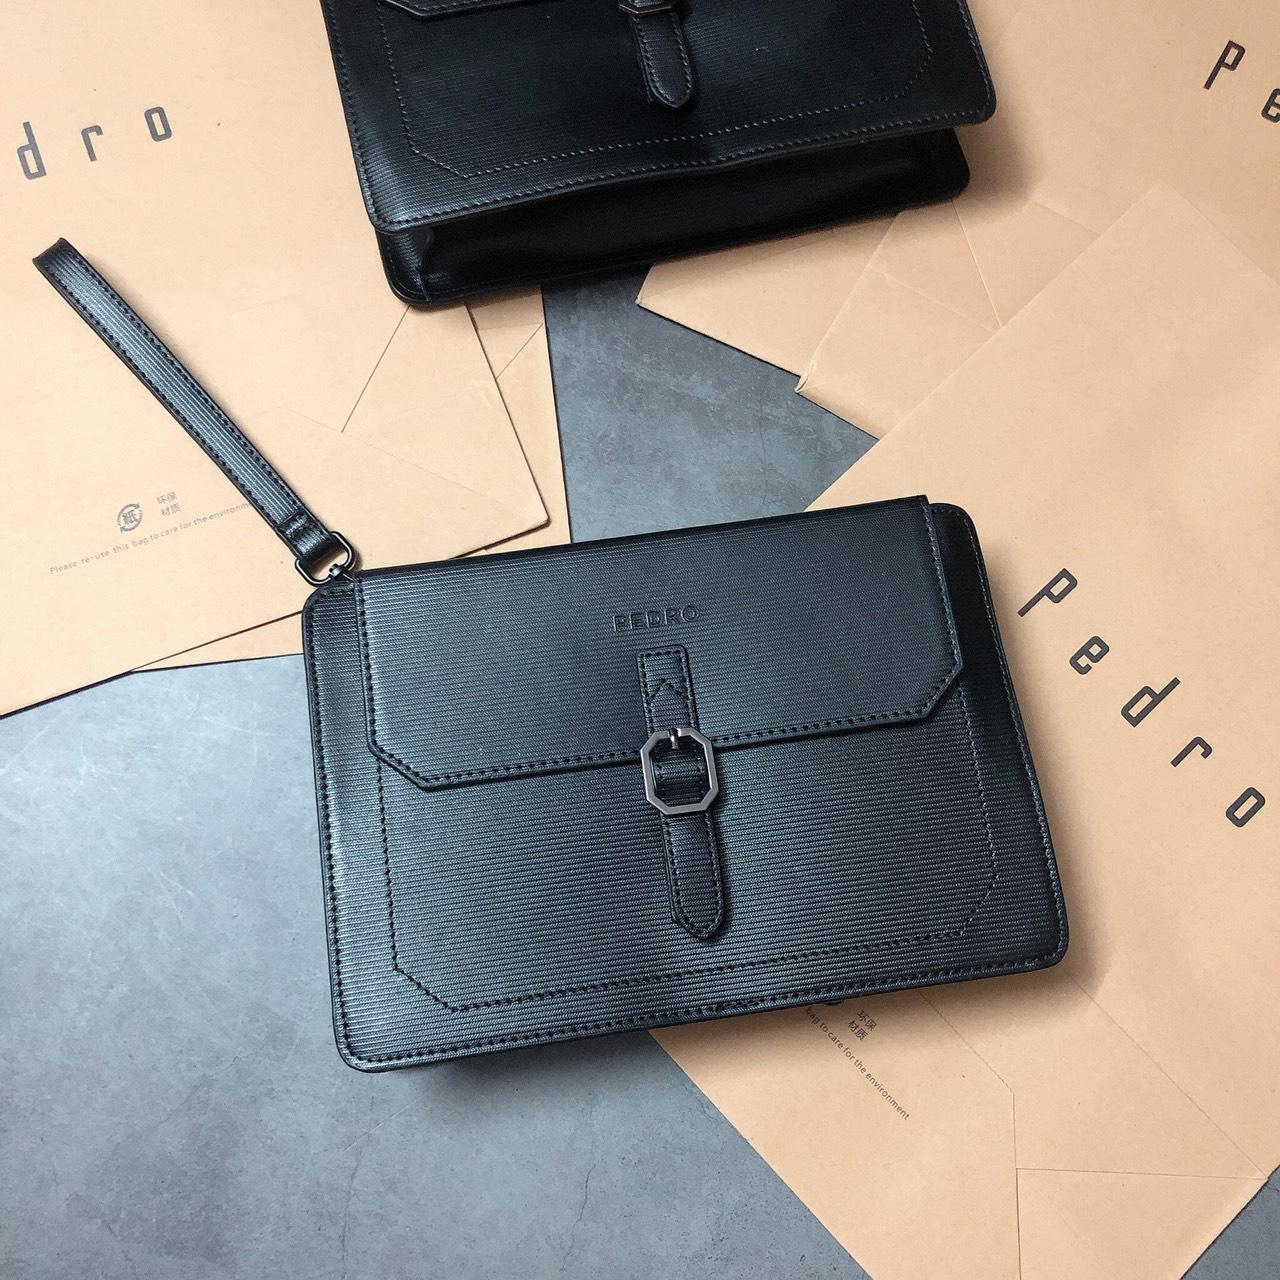 Túi clutch Pedro khóa lục giác - PM16